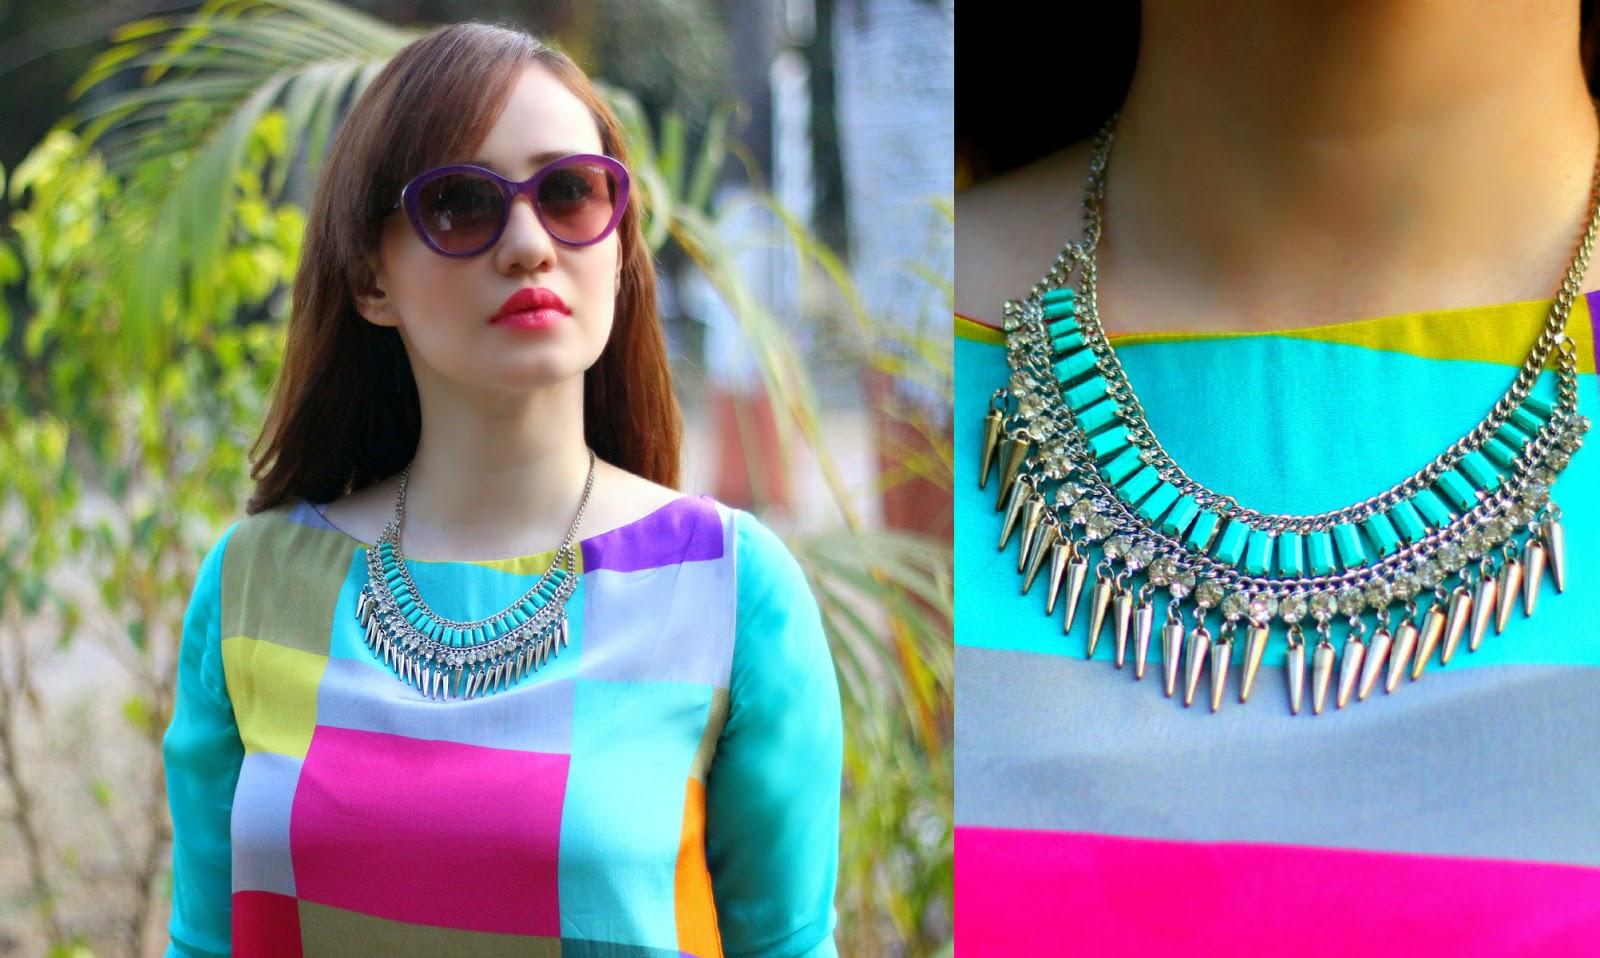 Vogue Eyewear Sunglasses & Turquoise Spike Necklace